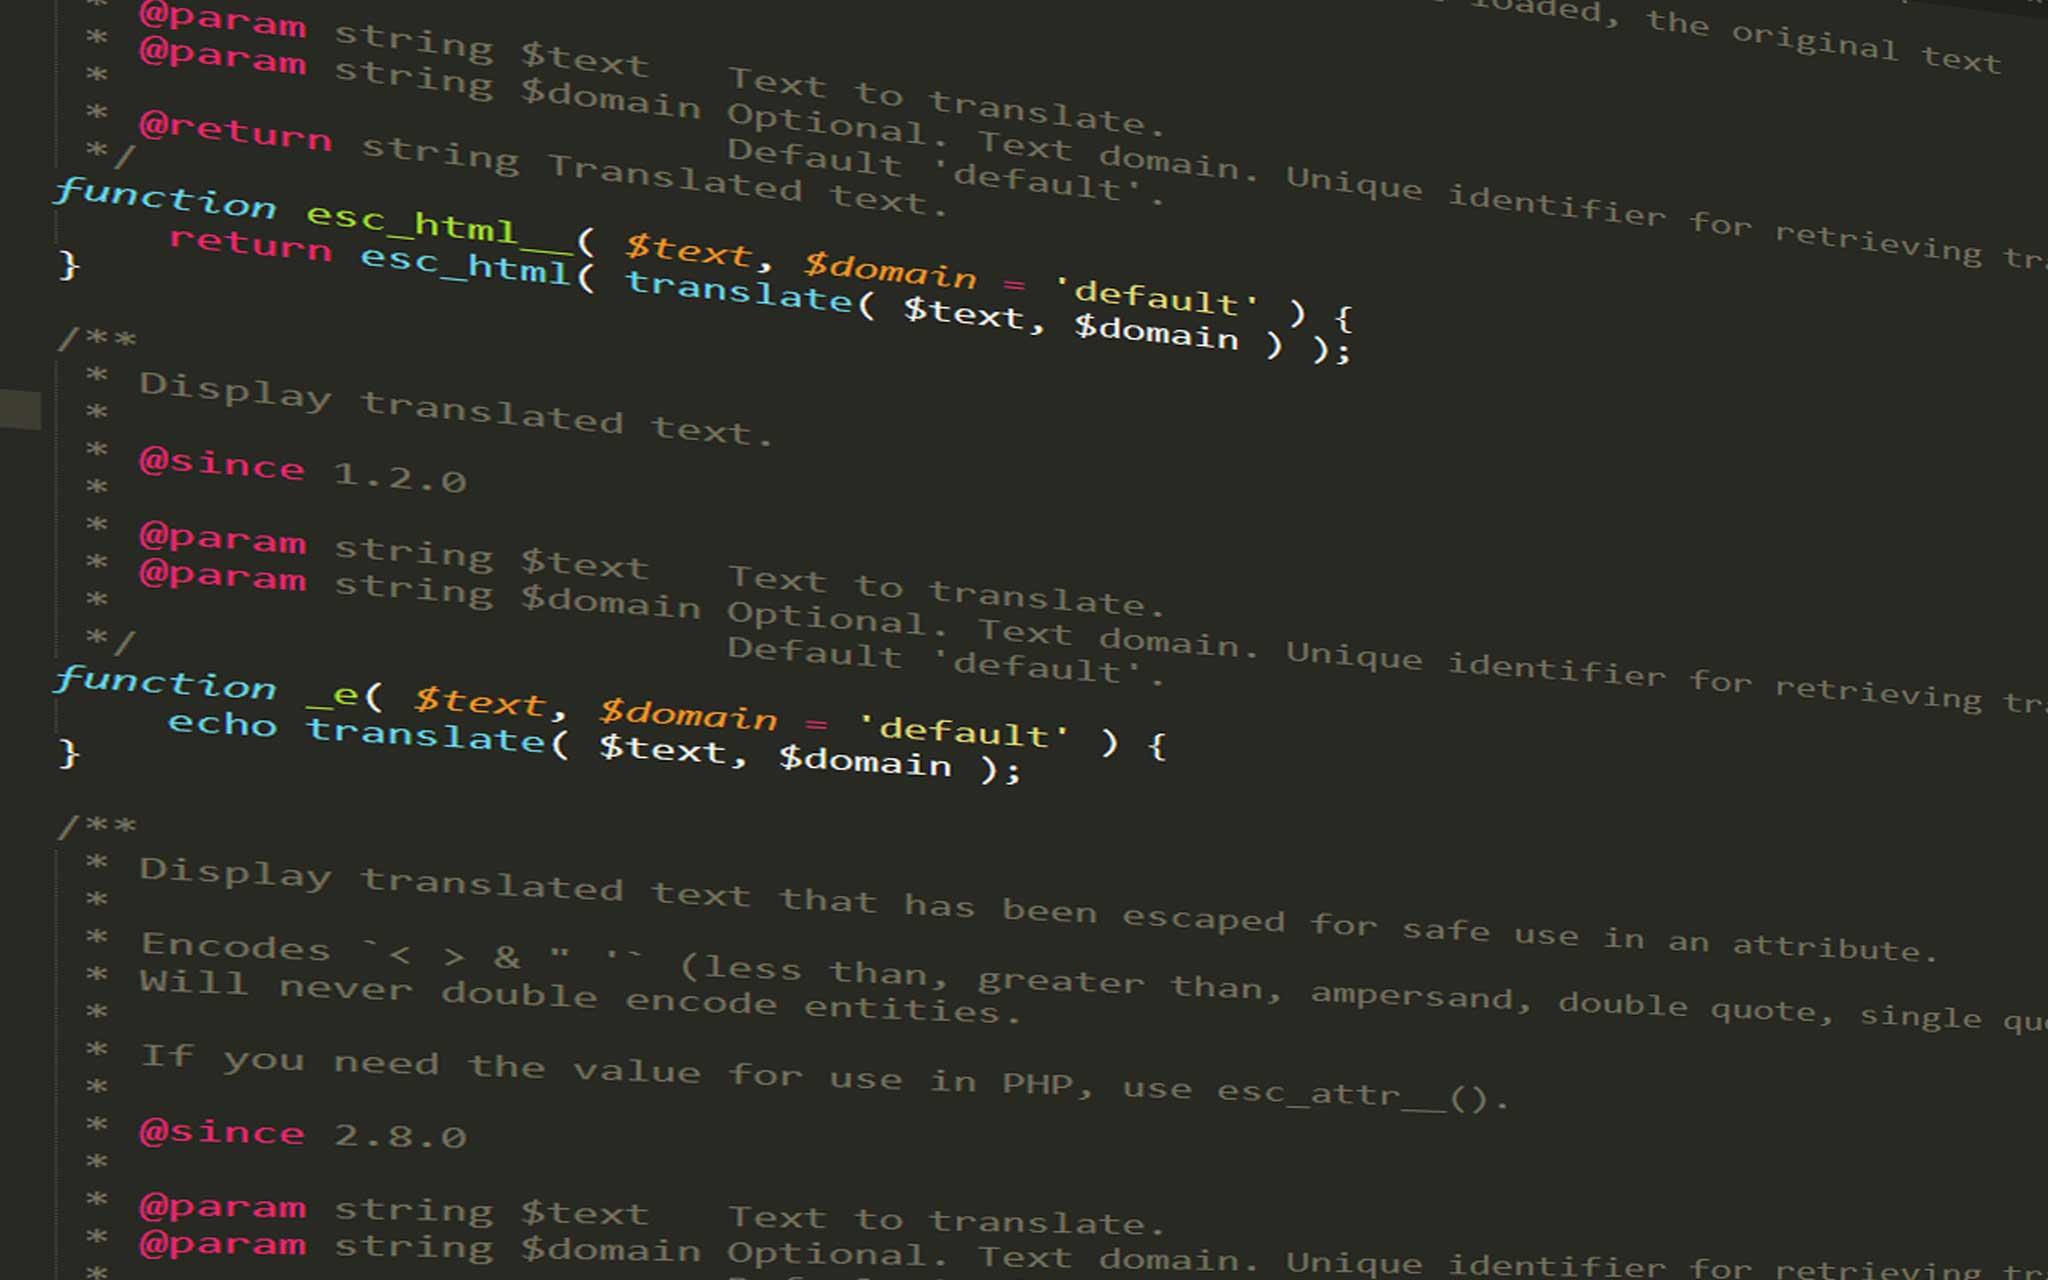 Hướng dẫn sử dụng hàm esc_html__() trong WordPress